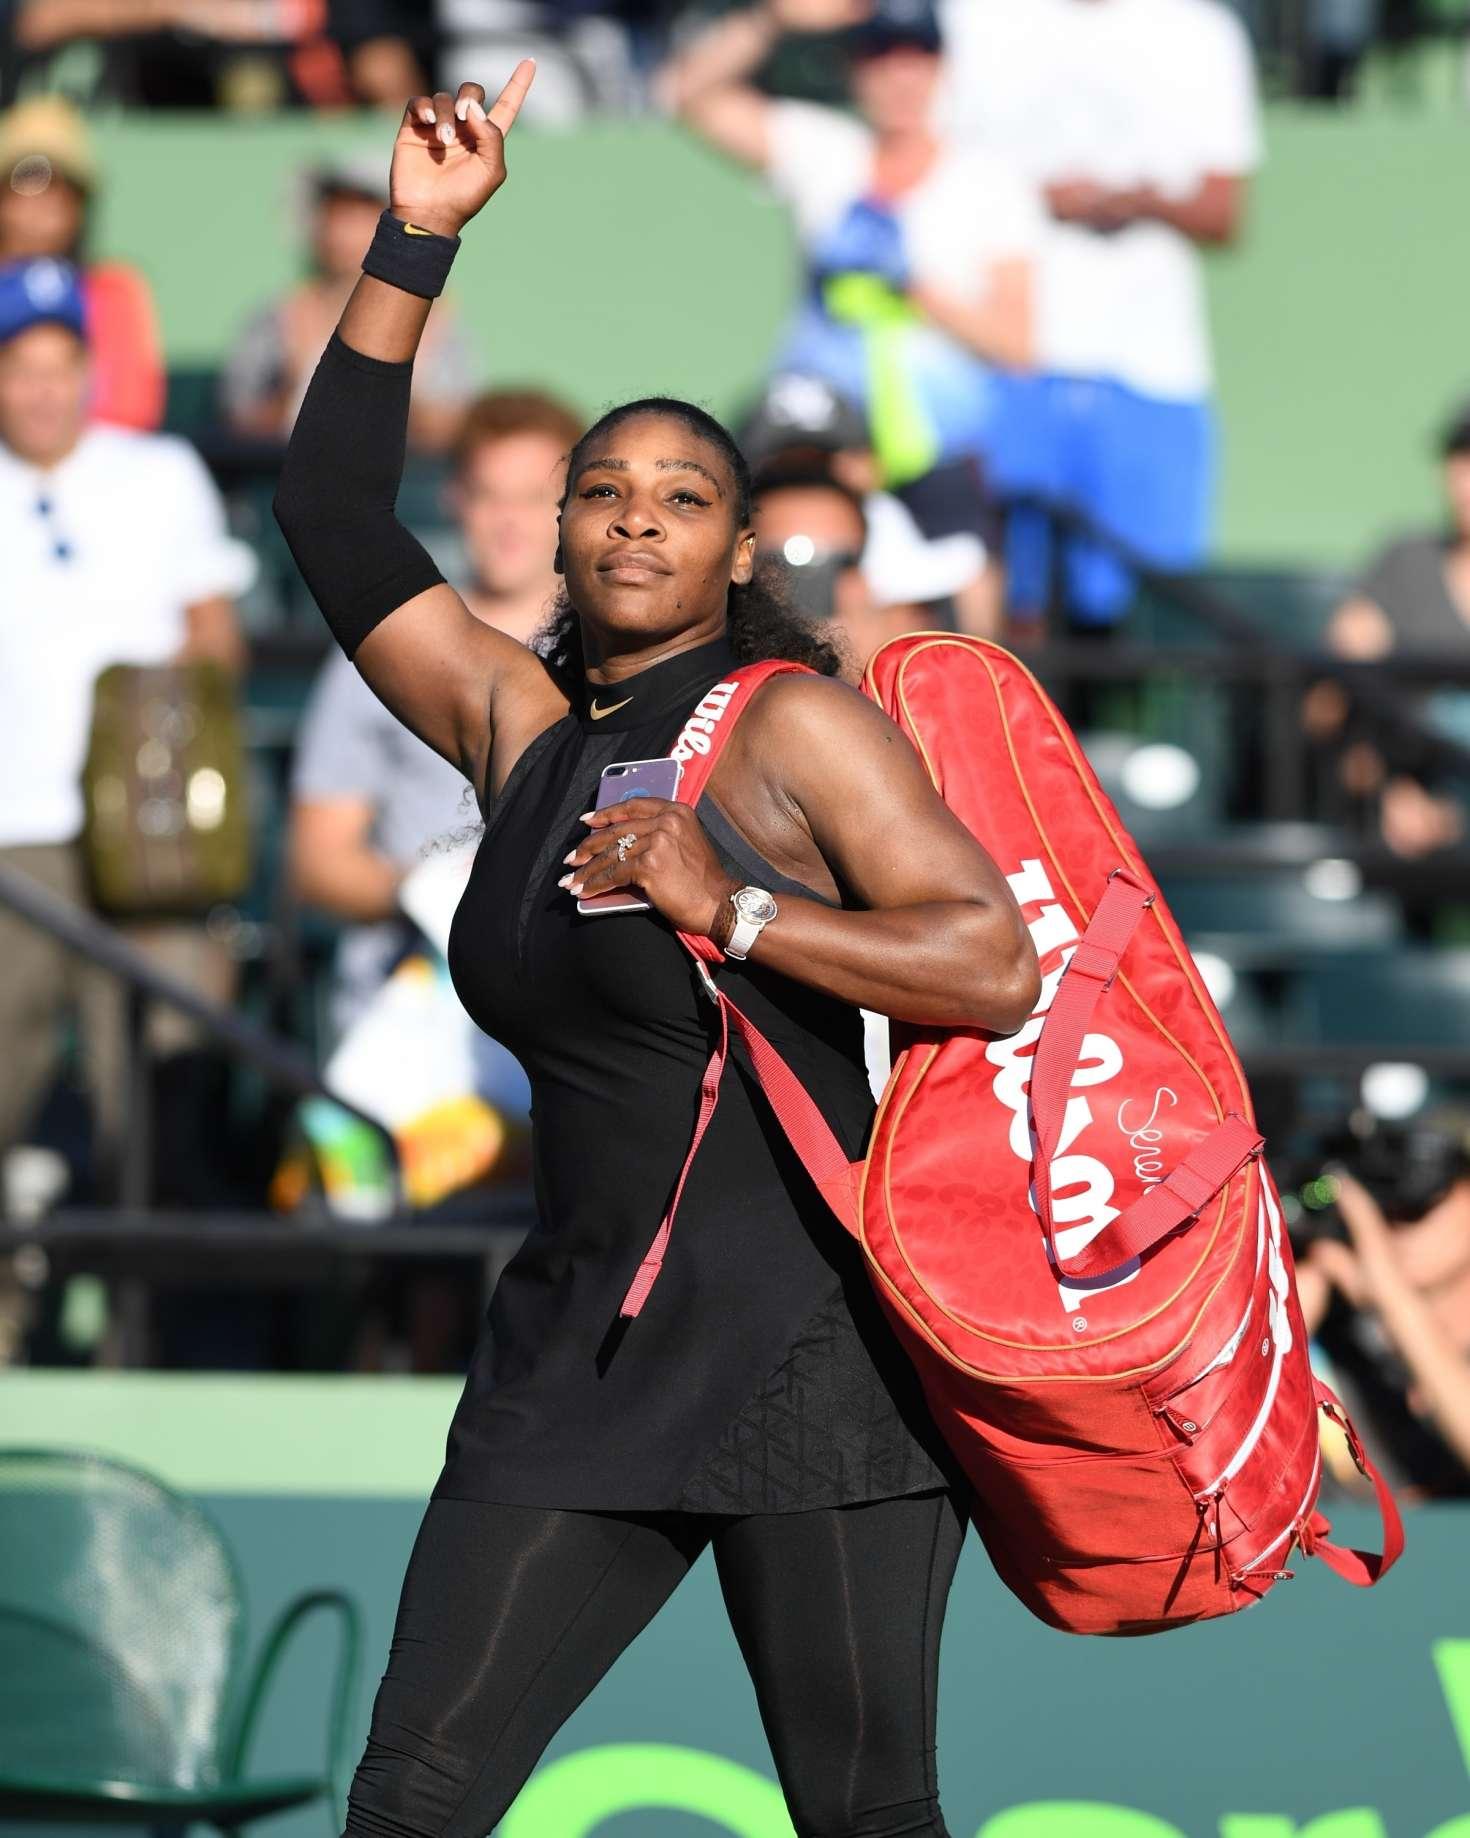 Serena Williams 2018 : Serena Williams: 2018 Miami Open -05